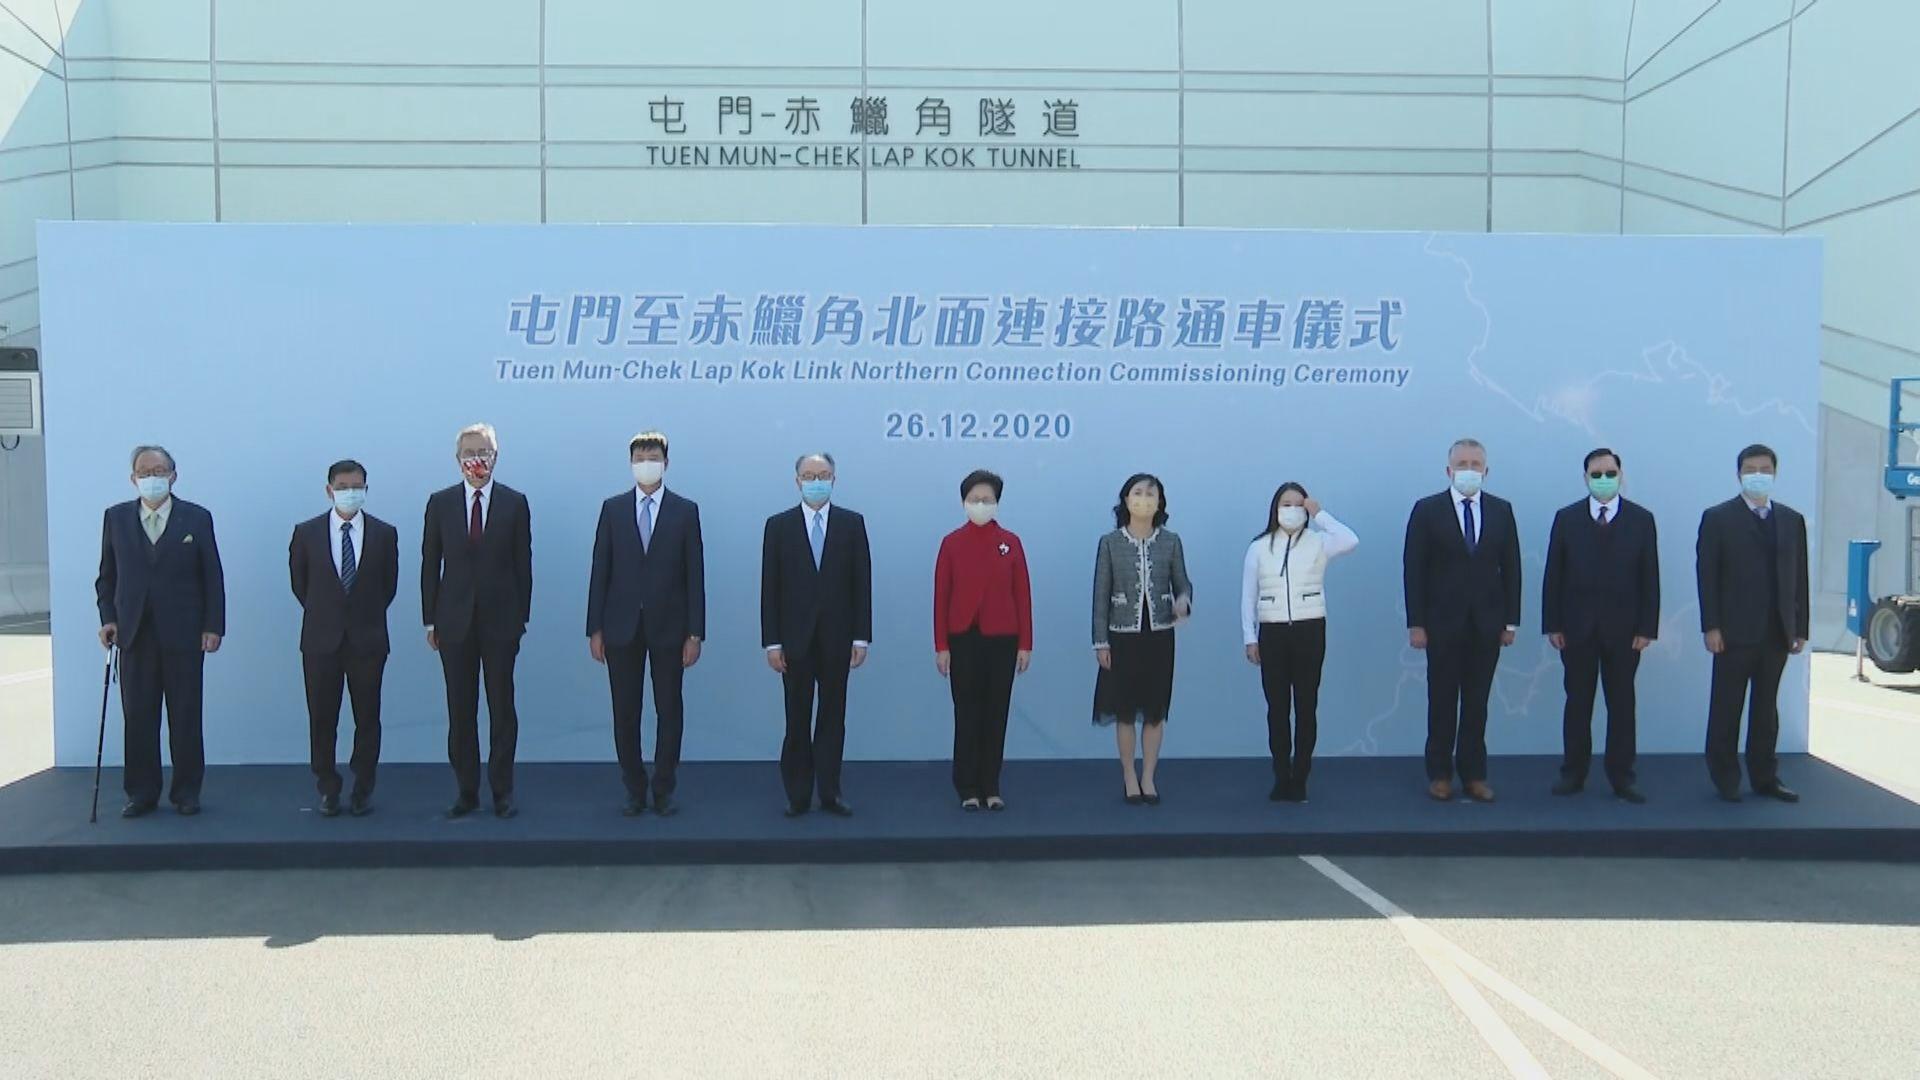 林鄭:屯赤北面連接路鞏固香港國際及區域樞紐地位